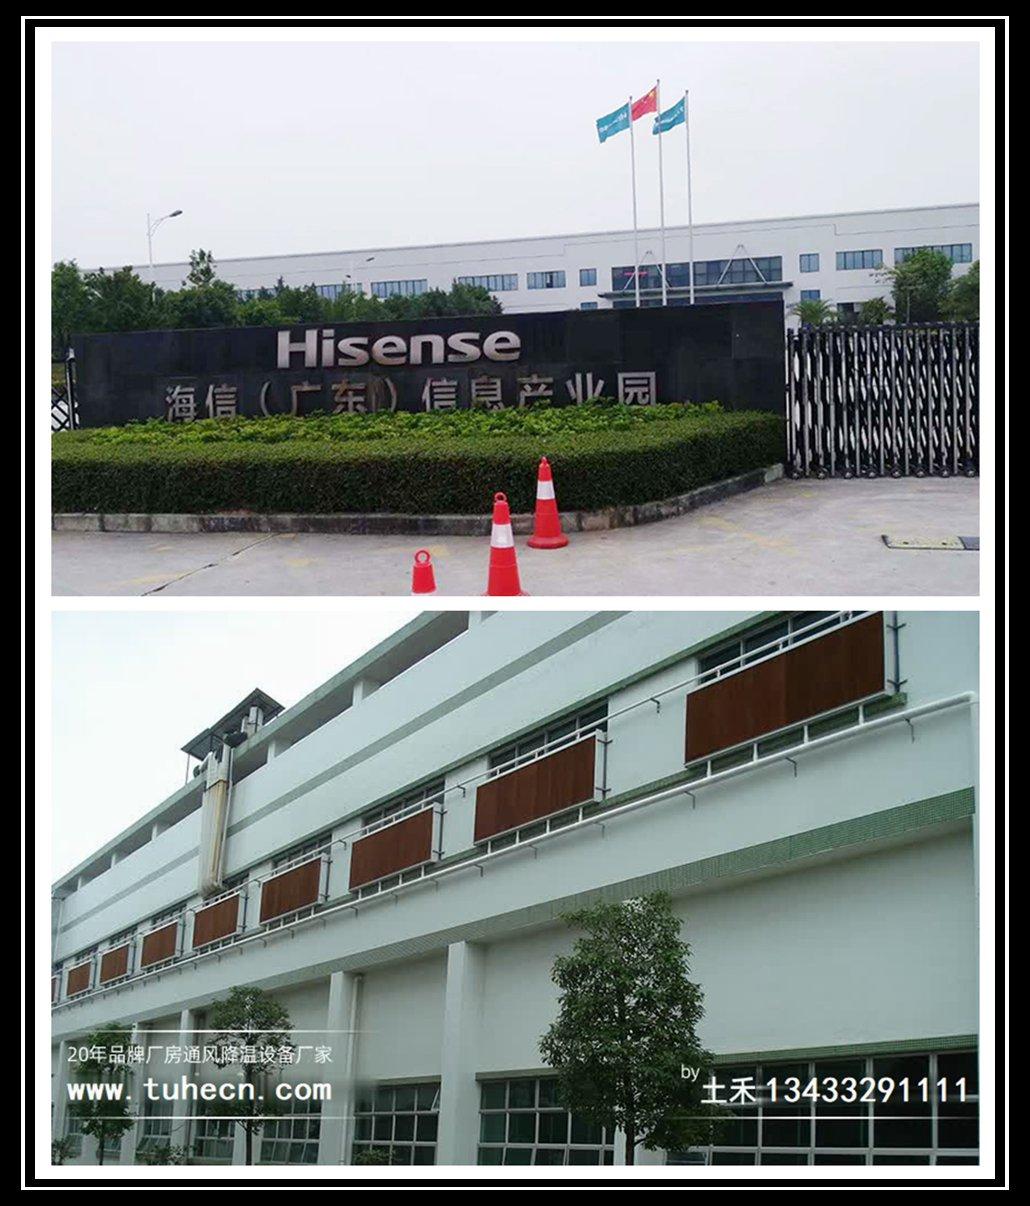 广东顺德海信科龙制造基地装配厂房车间通风降温工程项目